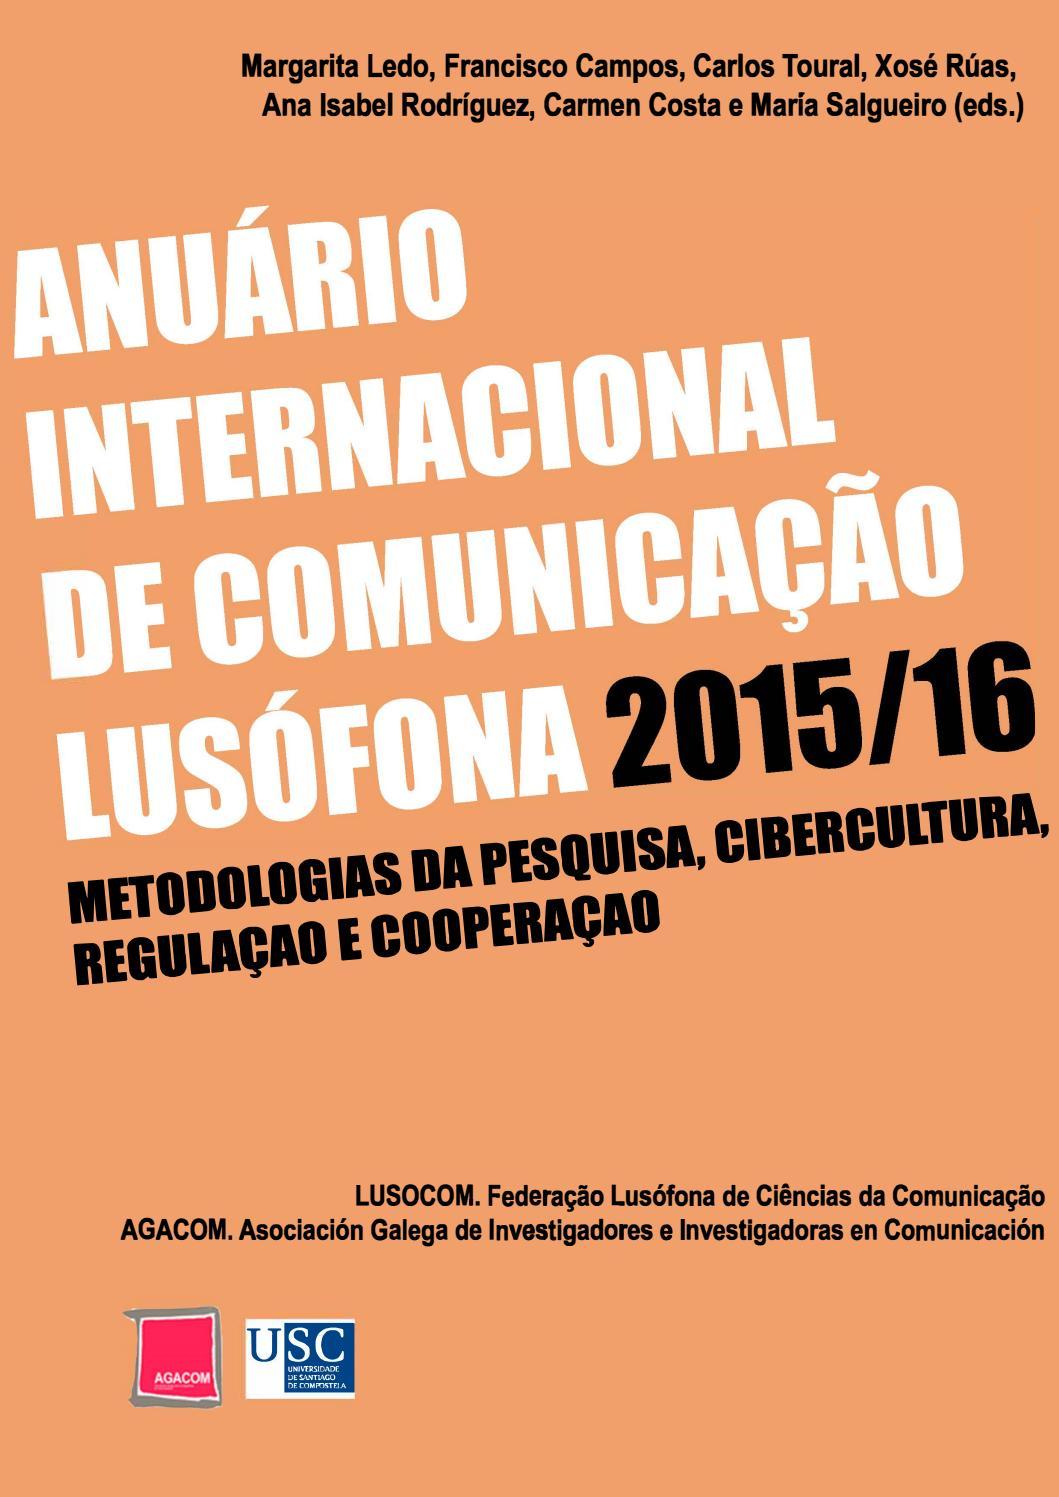 Anuário Internacional de Comunicação Lusófona 2015/2016 by